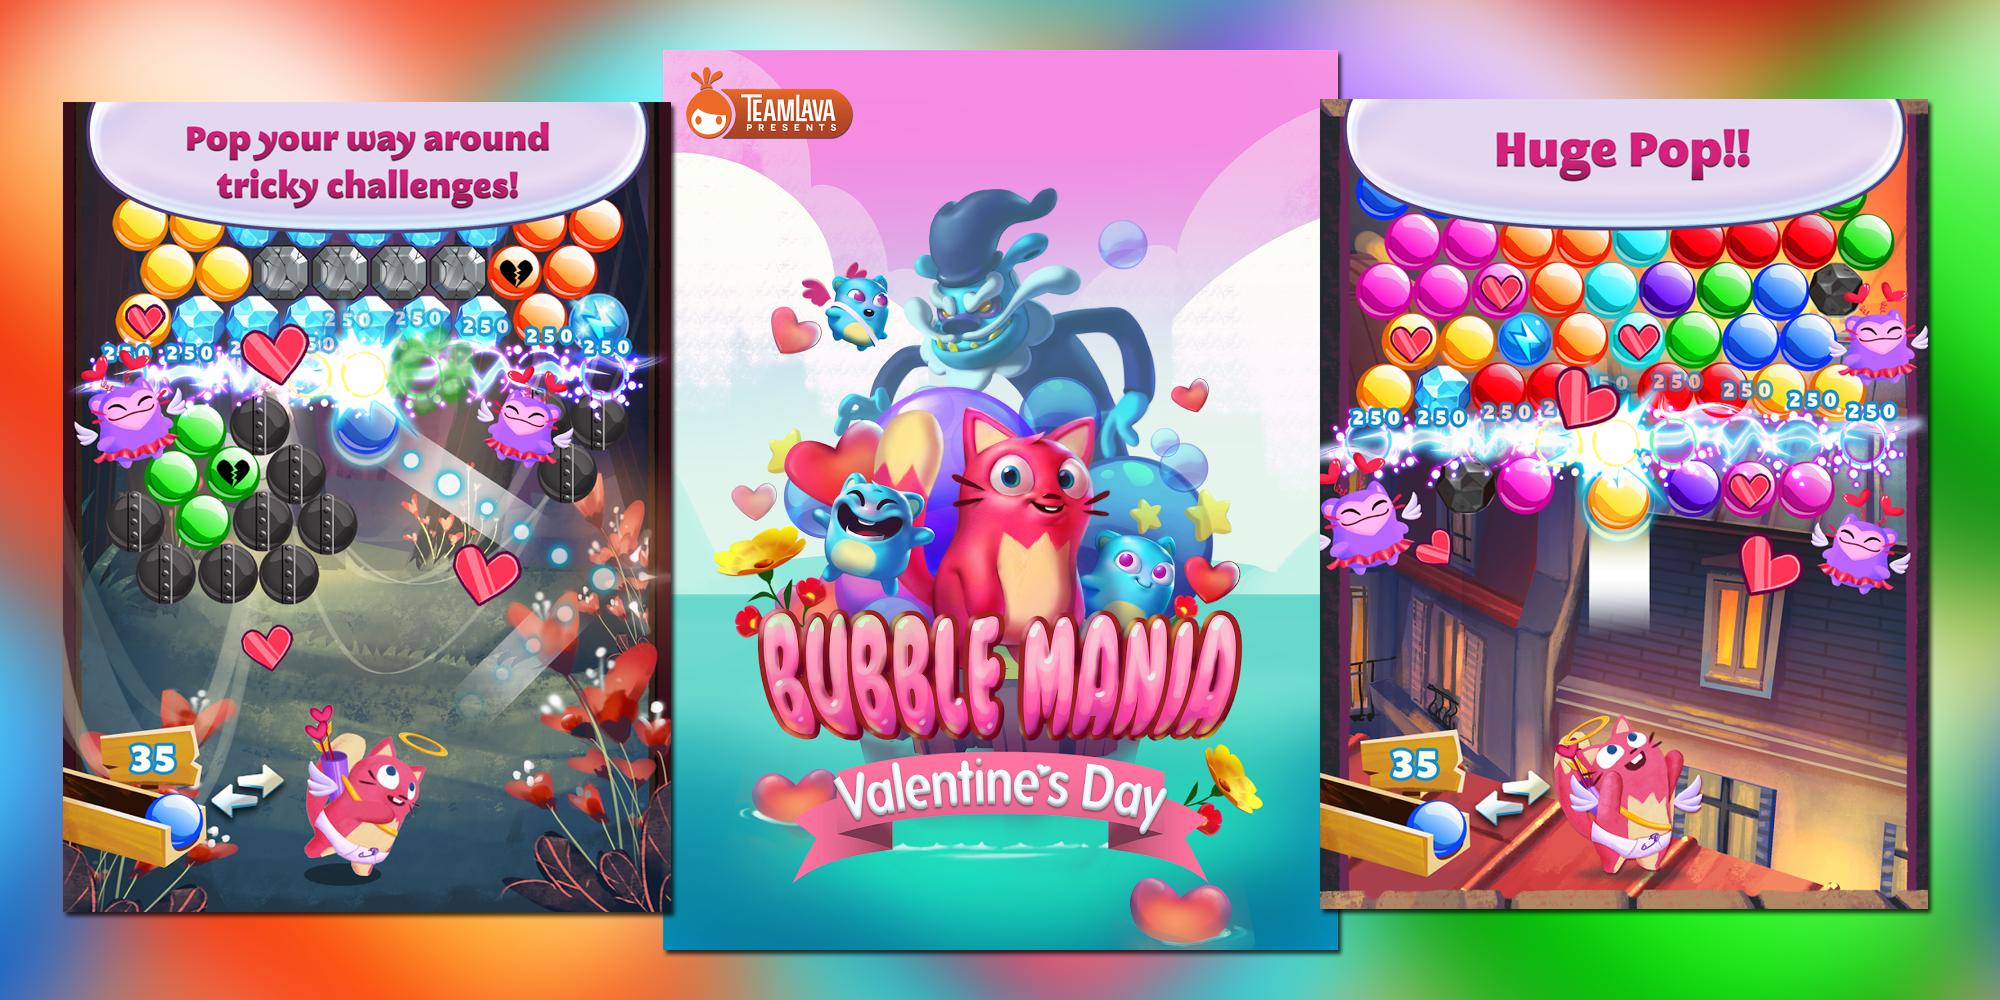 bubble_mania_v_day